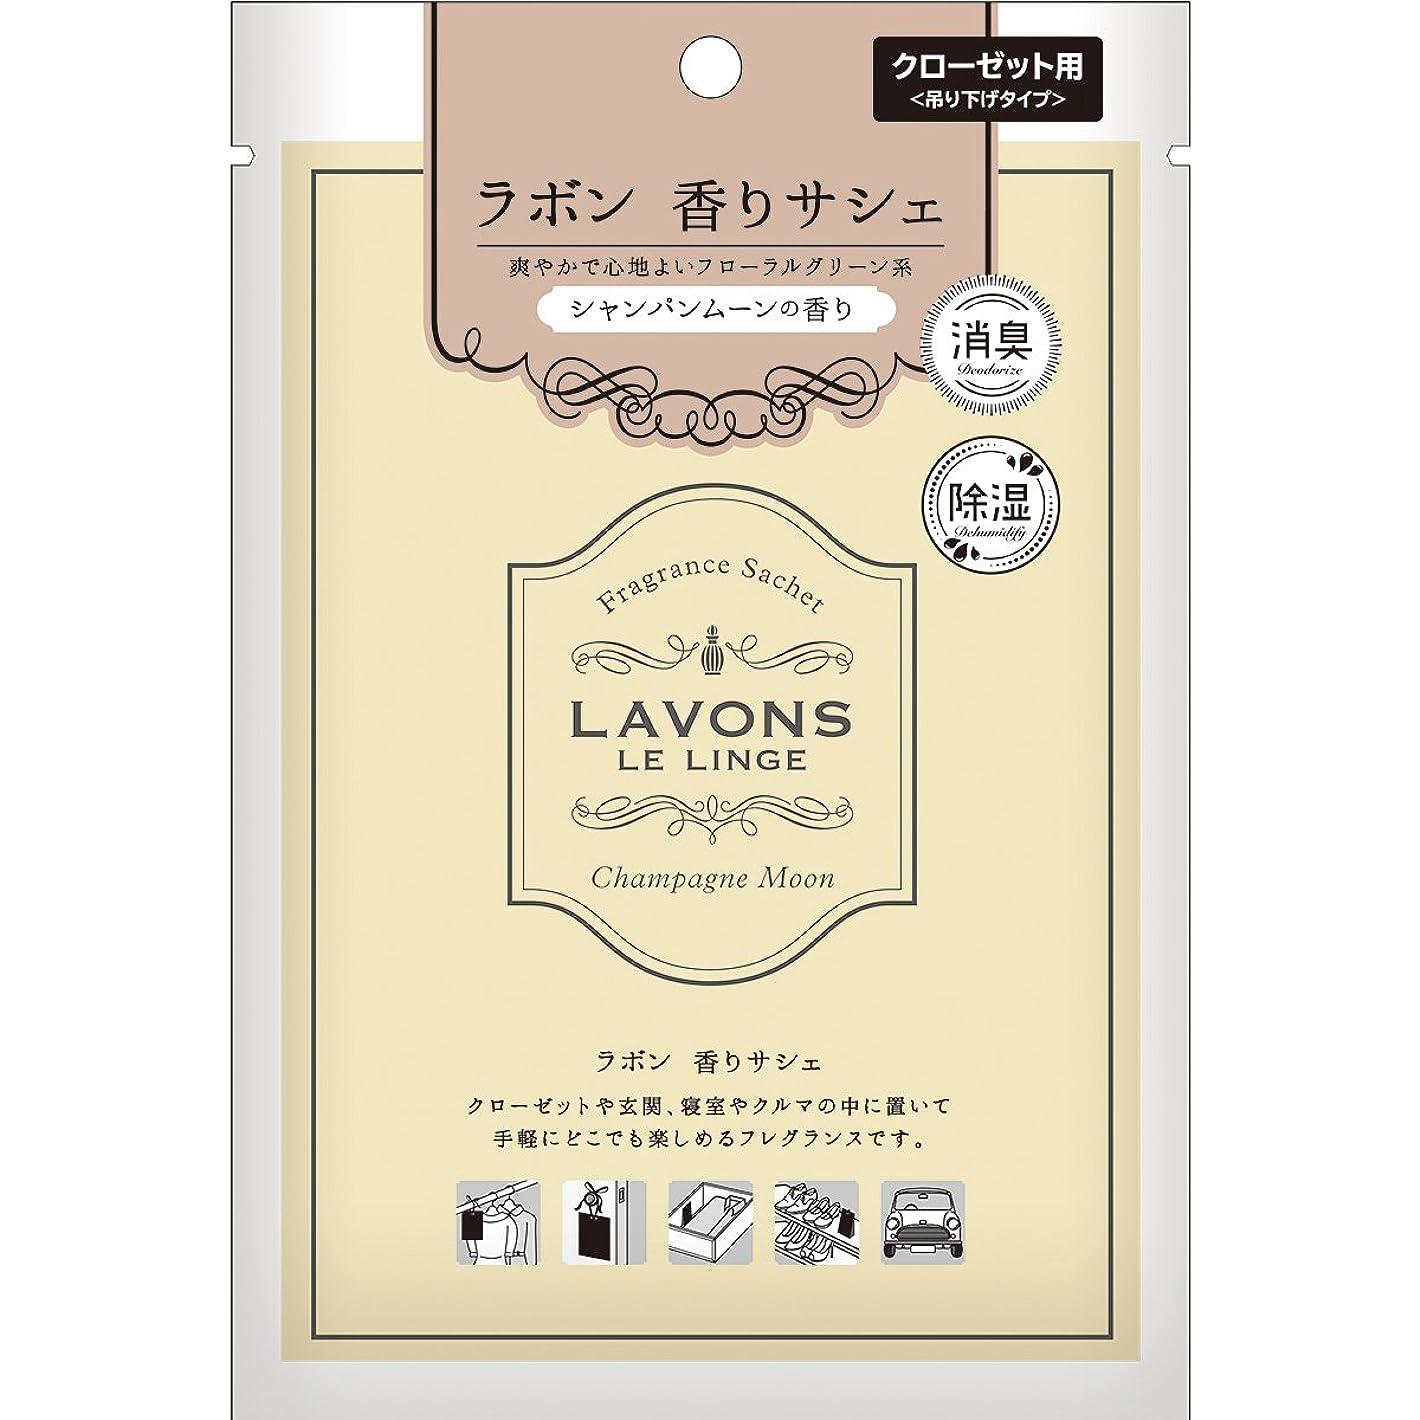 コーン強調平行ラボン 香りサシェ (香り袋) シャンパンムーン 20g